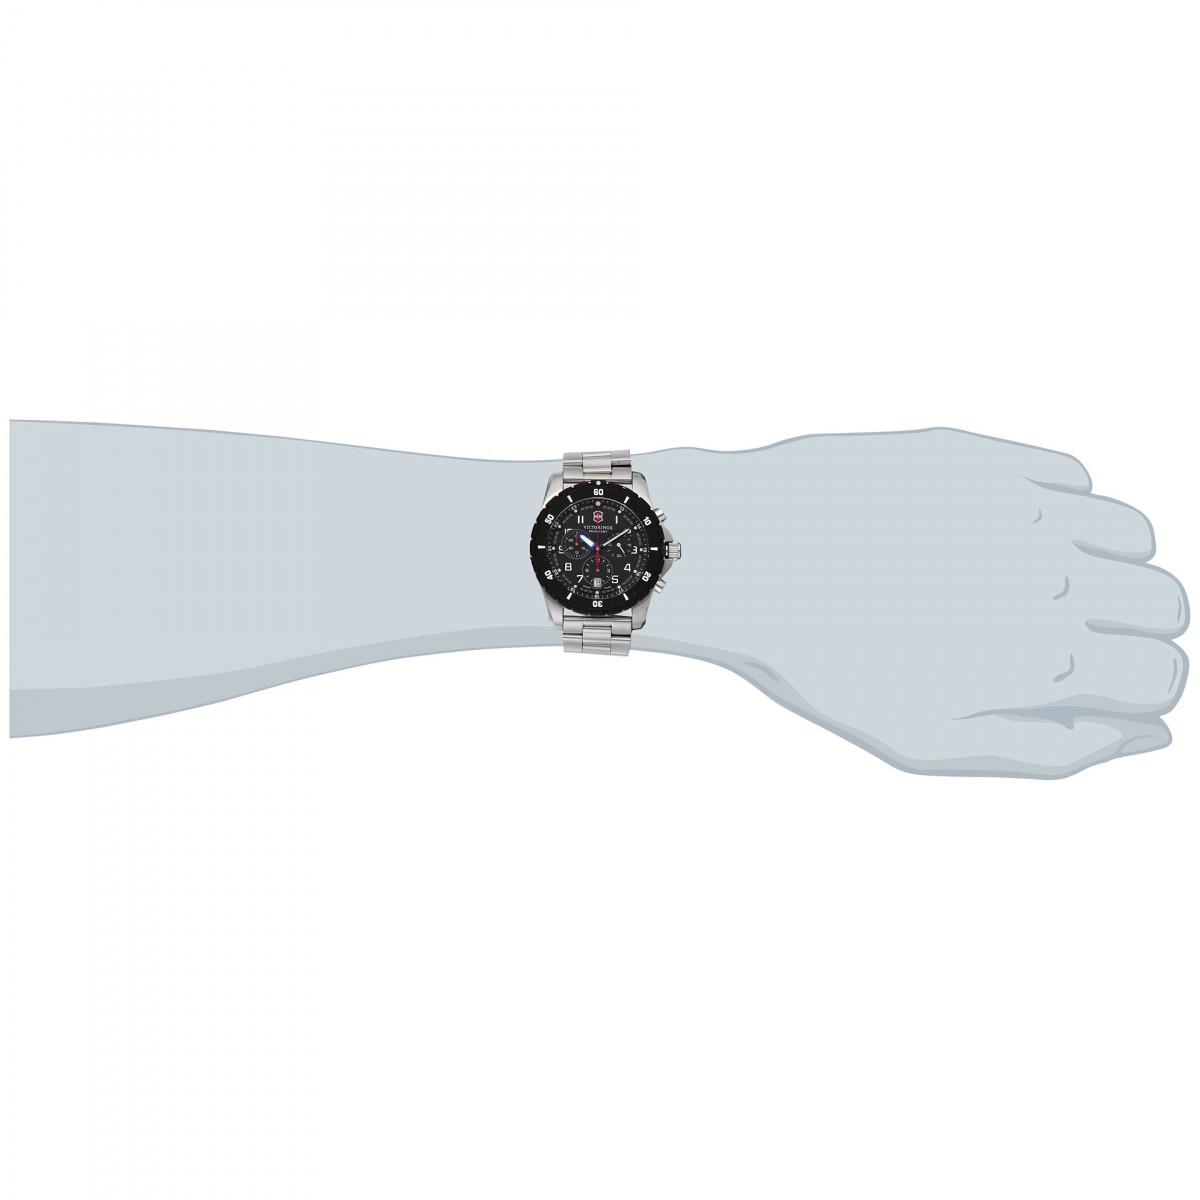 Montre Homme Victorinox MAVERICK Sport Chronograph, lunette synthétique, cadran noir - 43 mm